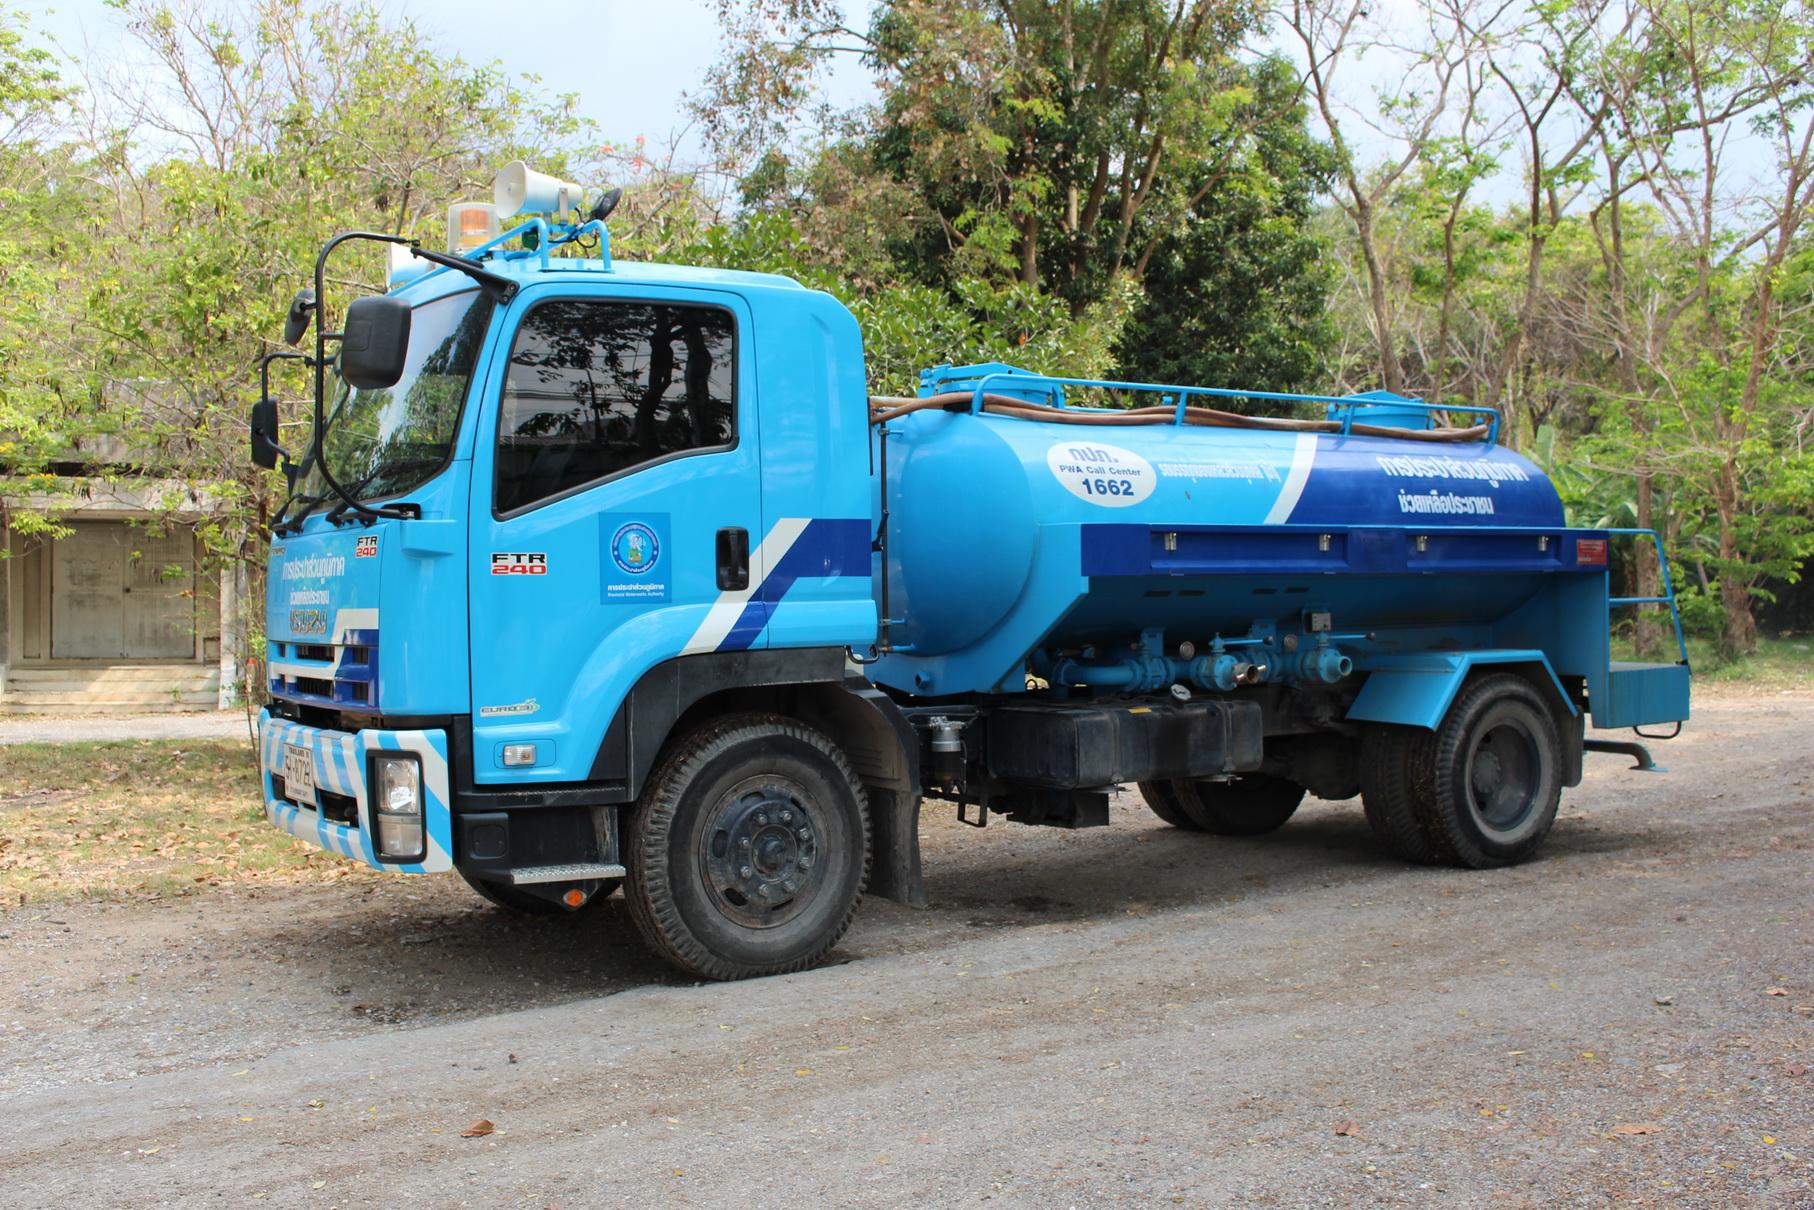 กปภ.ชลบุรี มุ่ง-มั่น เทคแคร์ผู้ใช้น้ำบริการ รถน้ำเคลื่อนที่ จากเหตุท่อแตกรั่วอย่างสุดวิสัย